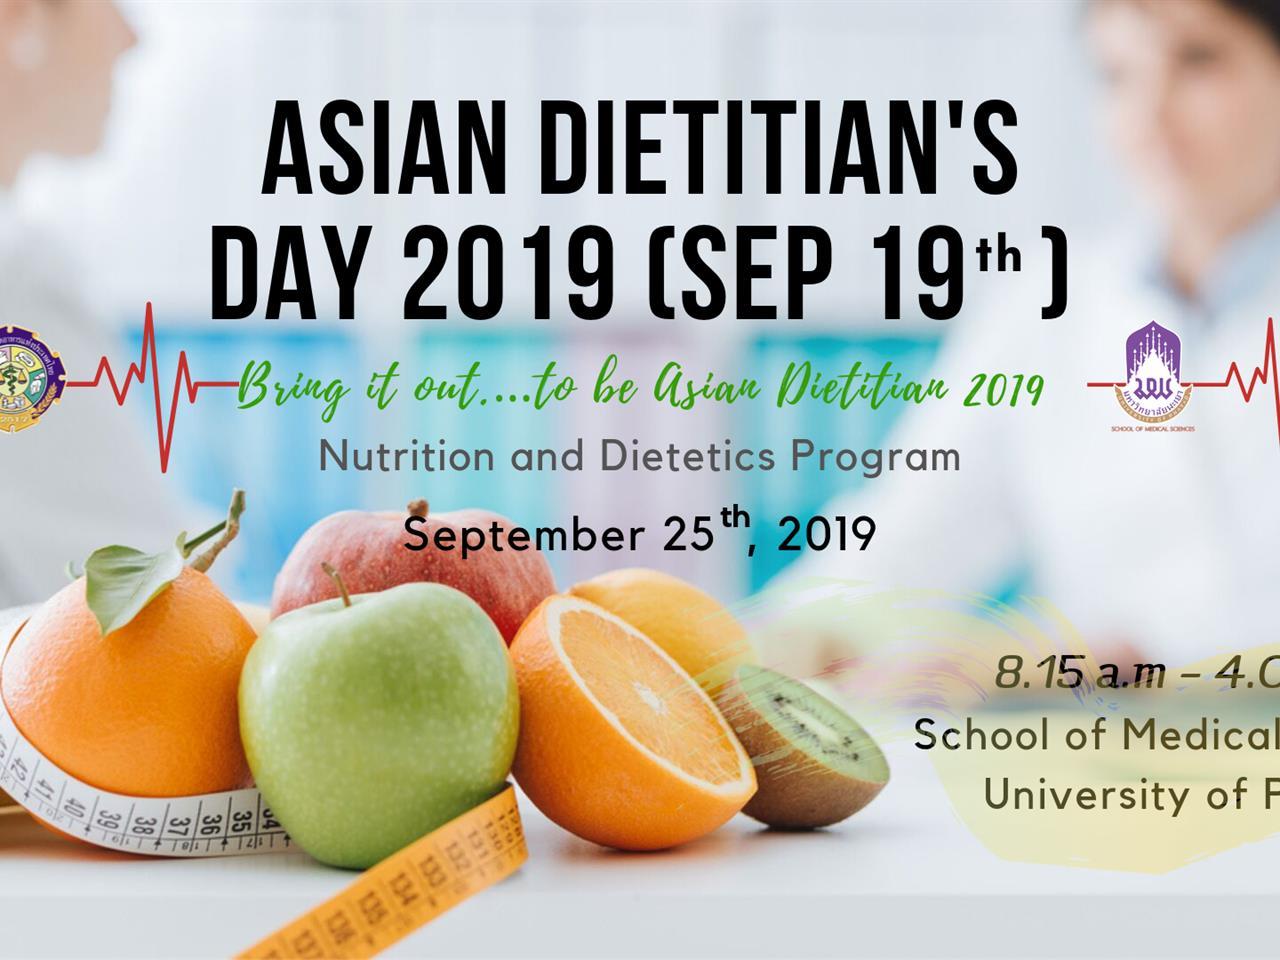 สาขาวิชาโภชนาการ คณะวิทยาศาสตร์การแพทย์ ขอเชิญ เข้าร่วมกิจกรรม วันนักกำหนดอาหารเอเชีย (Asian Dietitian's Day 2019)